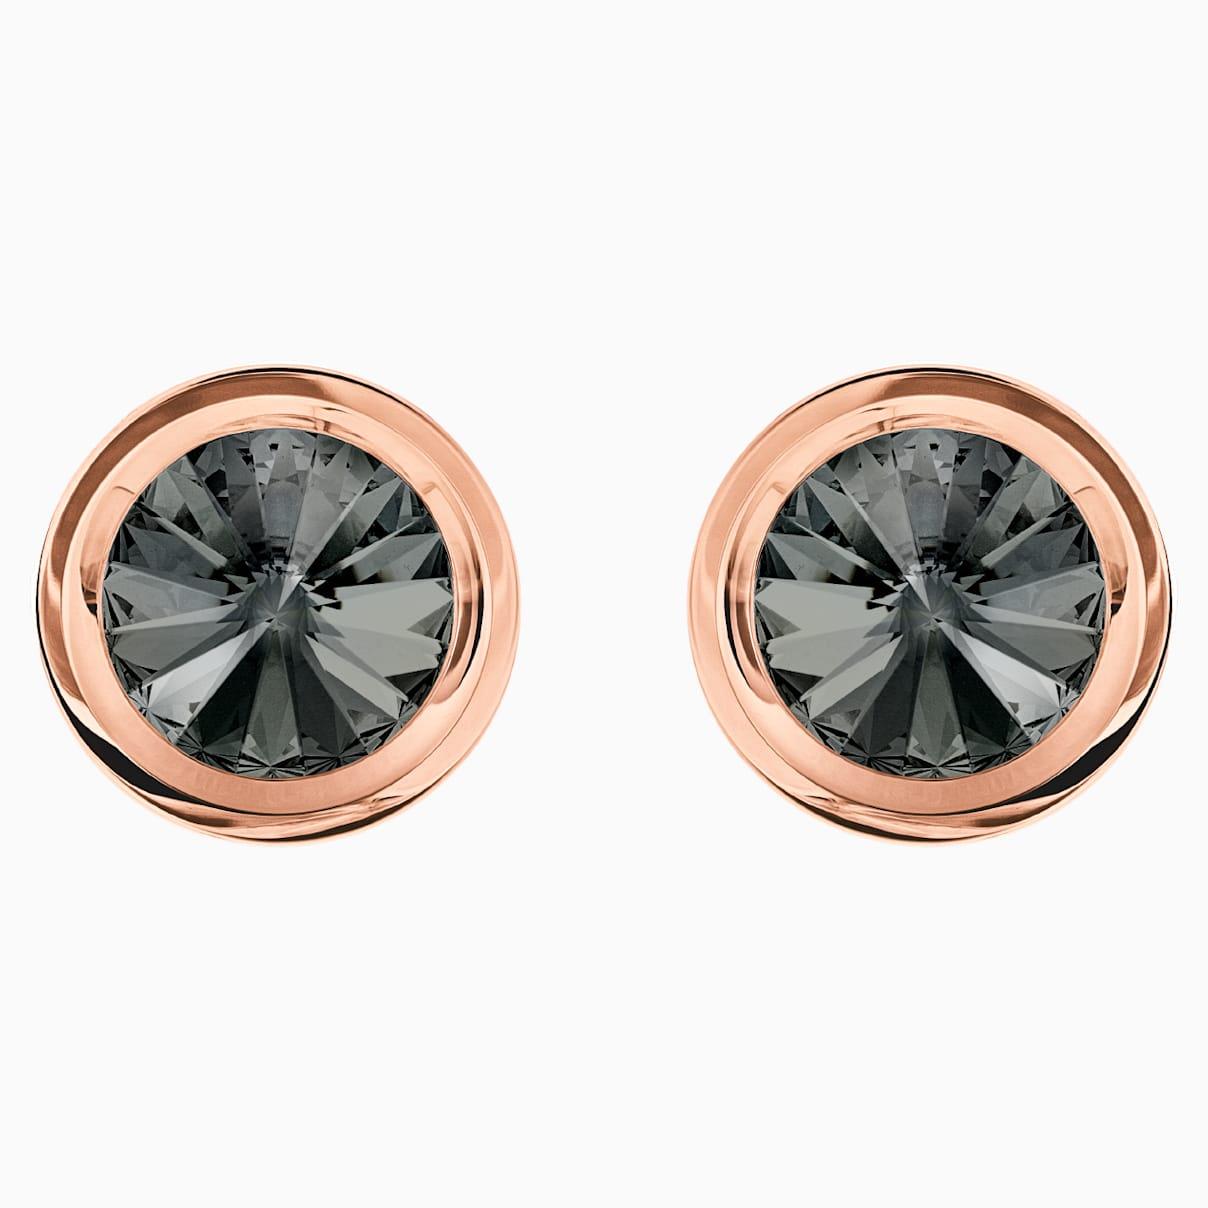 Boutons de manchettes round gris métal doré rose